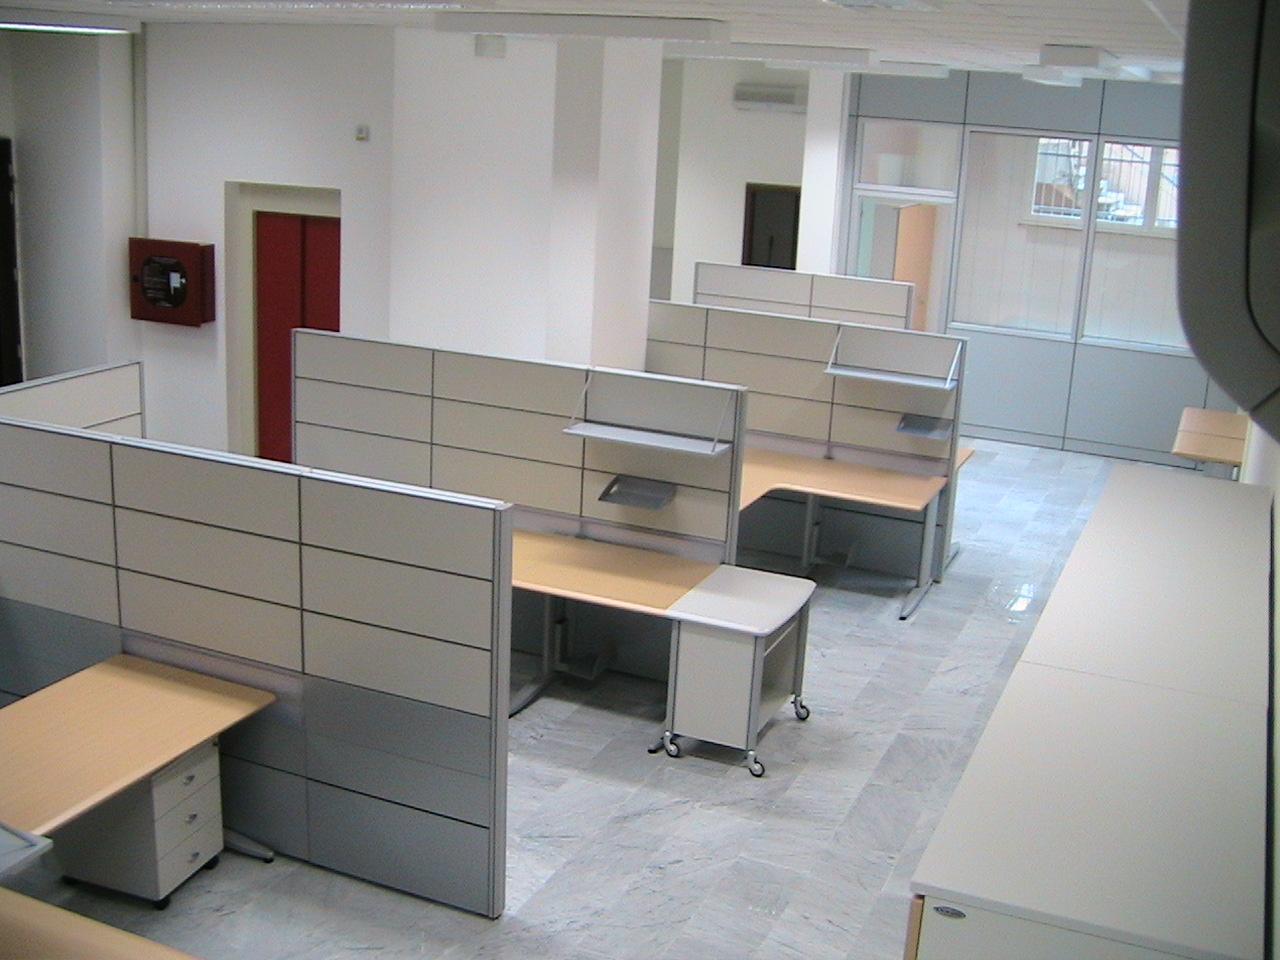 Arredamento Ufficio Forli : Anagrafe cervia cs trading mobili per ufficio e centro per